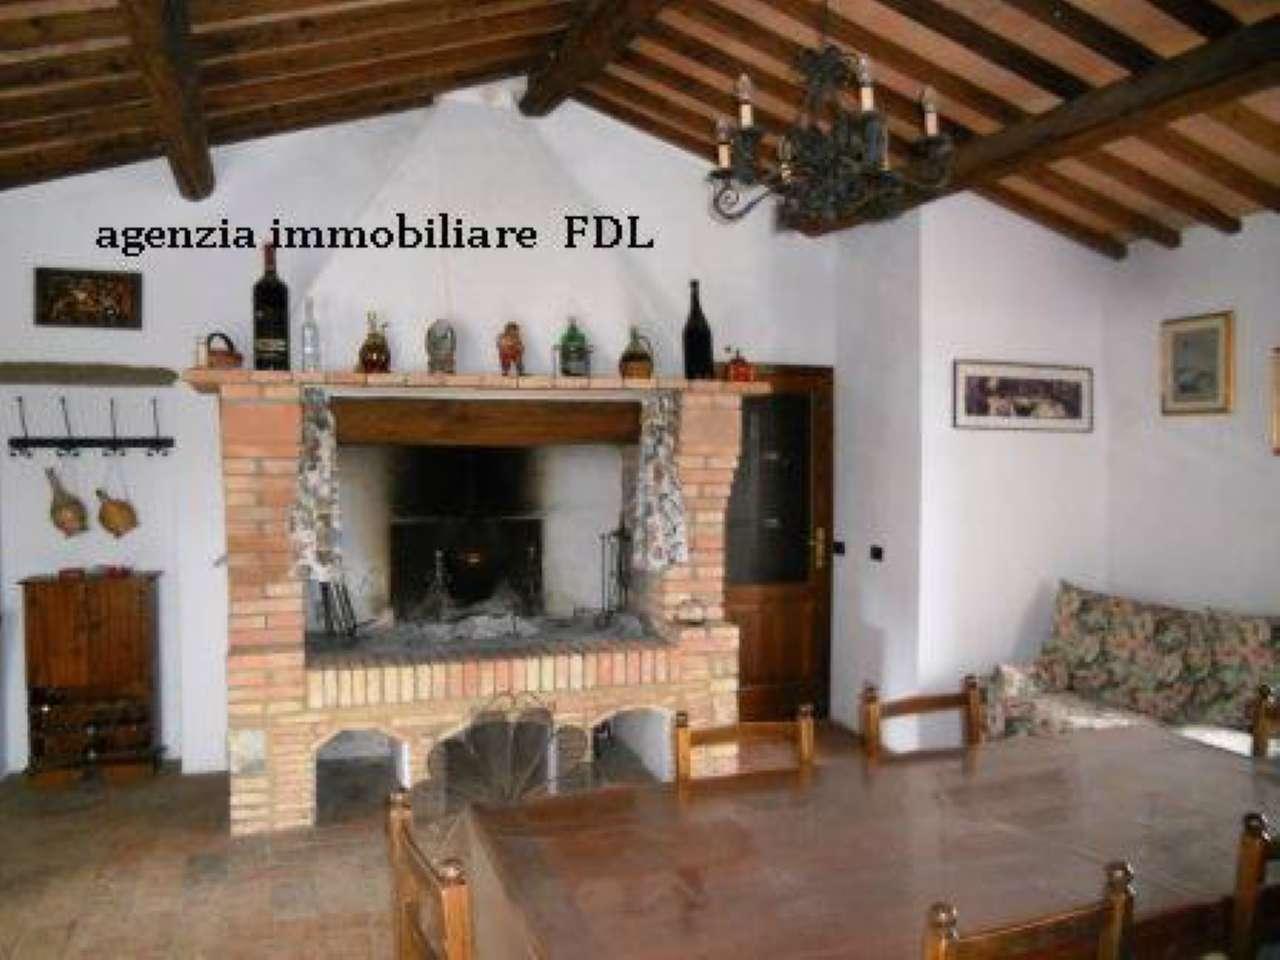 Rustico / Casale in vendita a Montecatini Val di Cecina, 8 locali, prezzo € 400.000 | PortaleAgenzieImmobiliari.it